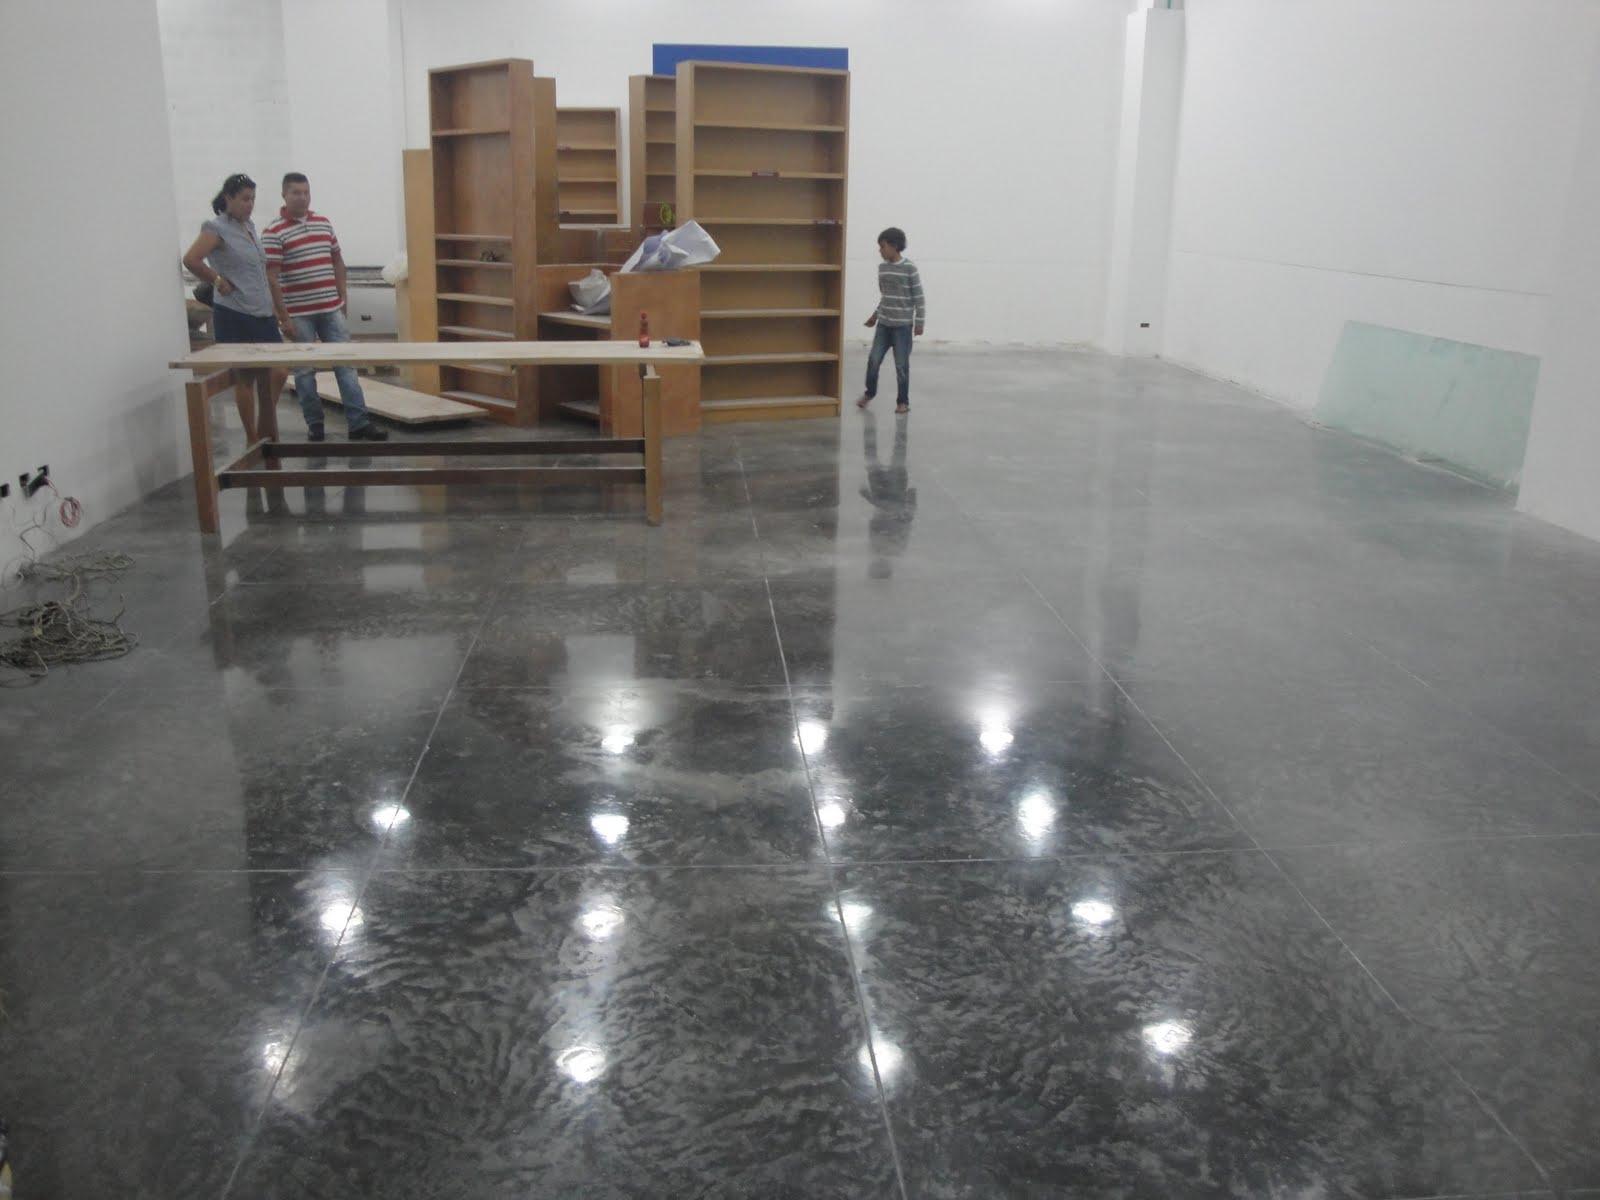 dekoncreto pisos y aplicaciones pisos en concreto pulido ForPiso Cemento Pulido